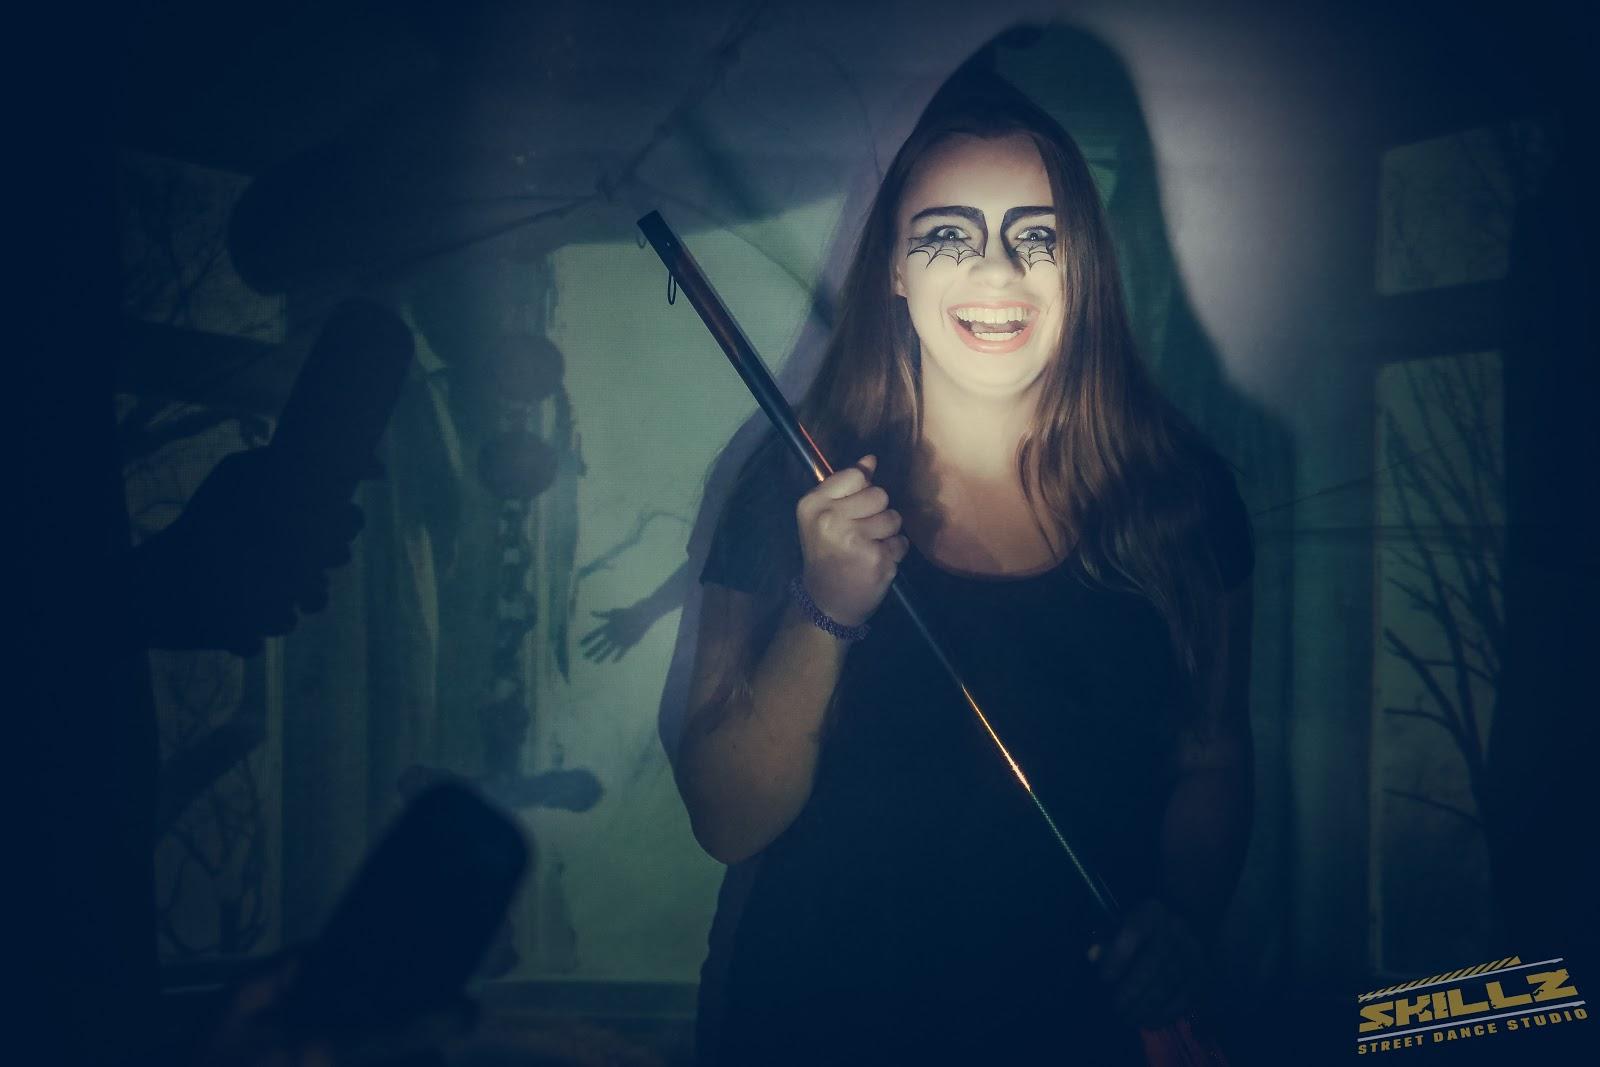 Naujikų krikštynos @SKILLZ (Halloween tema) - PANA1837.jpg